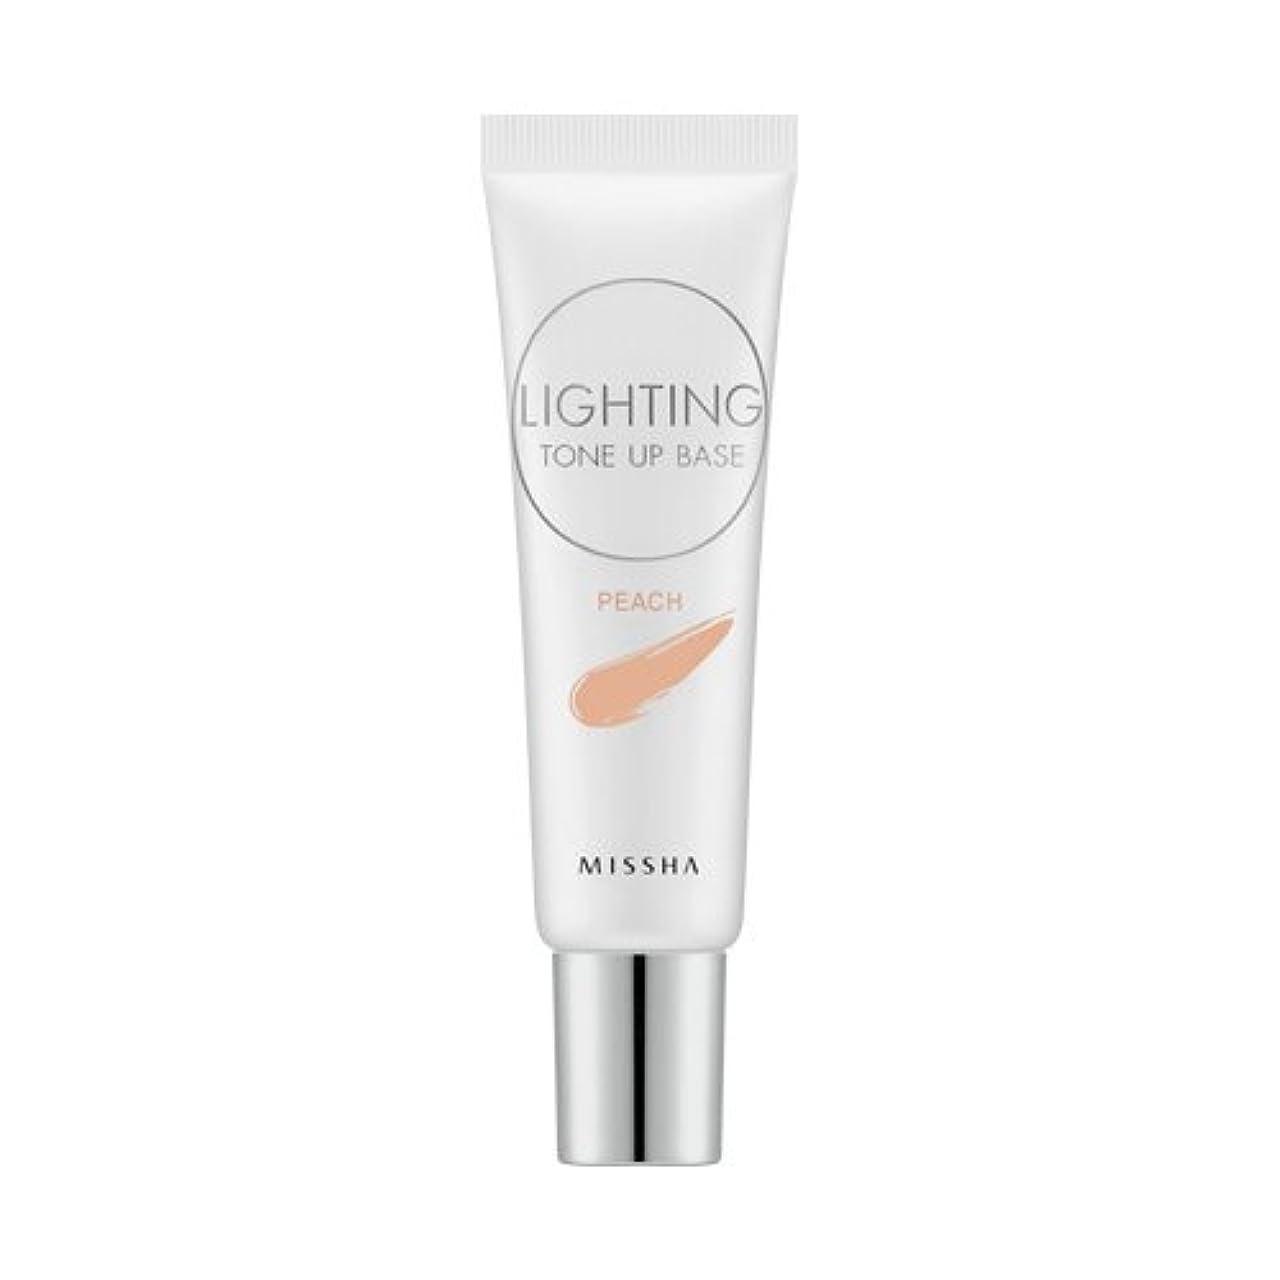 振る舞い倫理的真実MISSHA Lighting Tone Up Base 20ml/ミシャ ライティング トーン アップ ベース 20ml (#Peach)